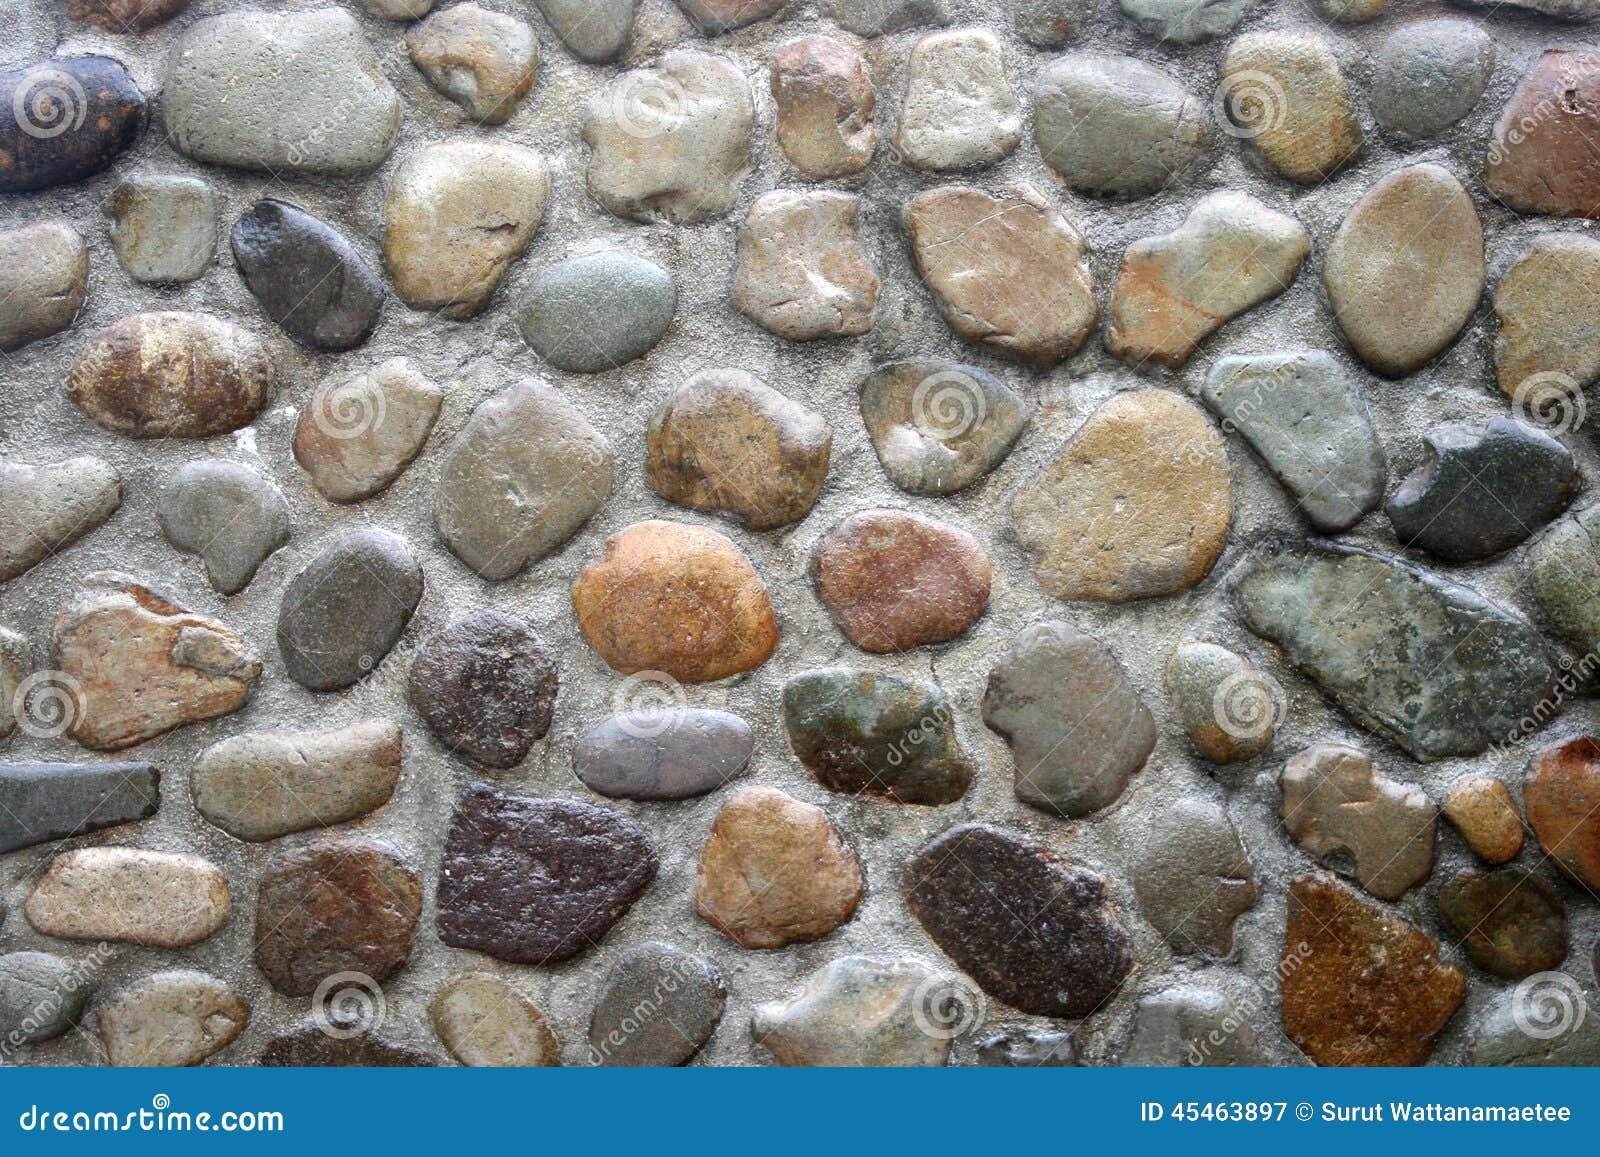 Mur En Cailloux mur en béton avec des cailloux image stock - image du vieux